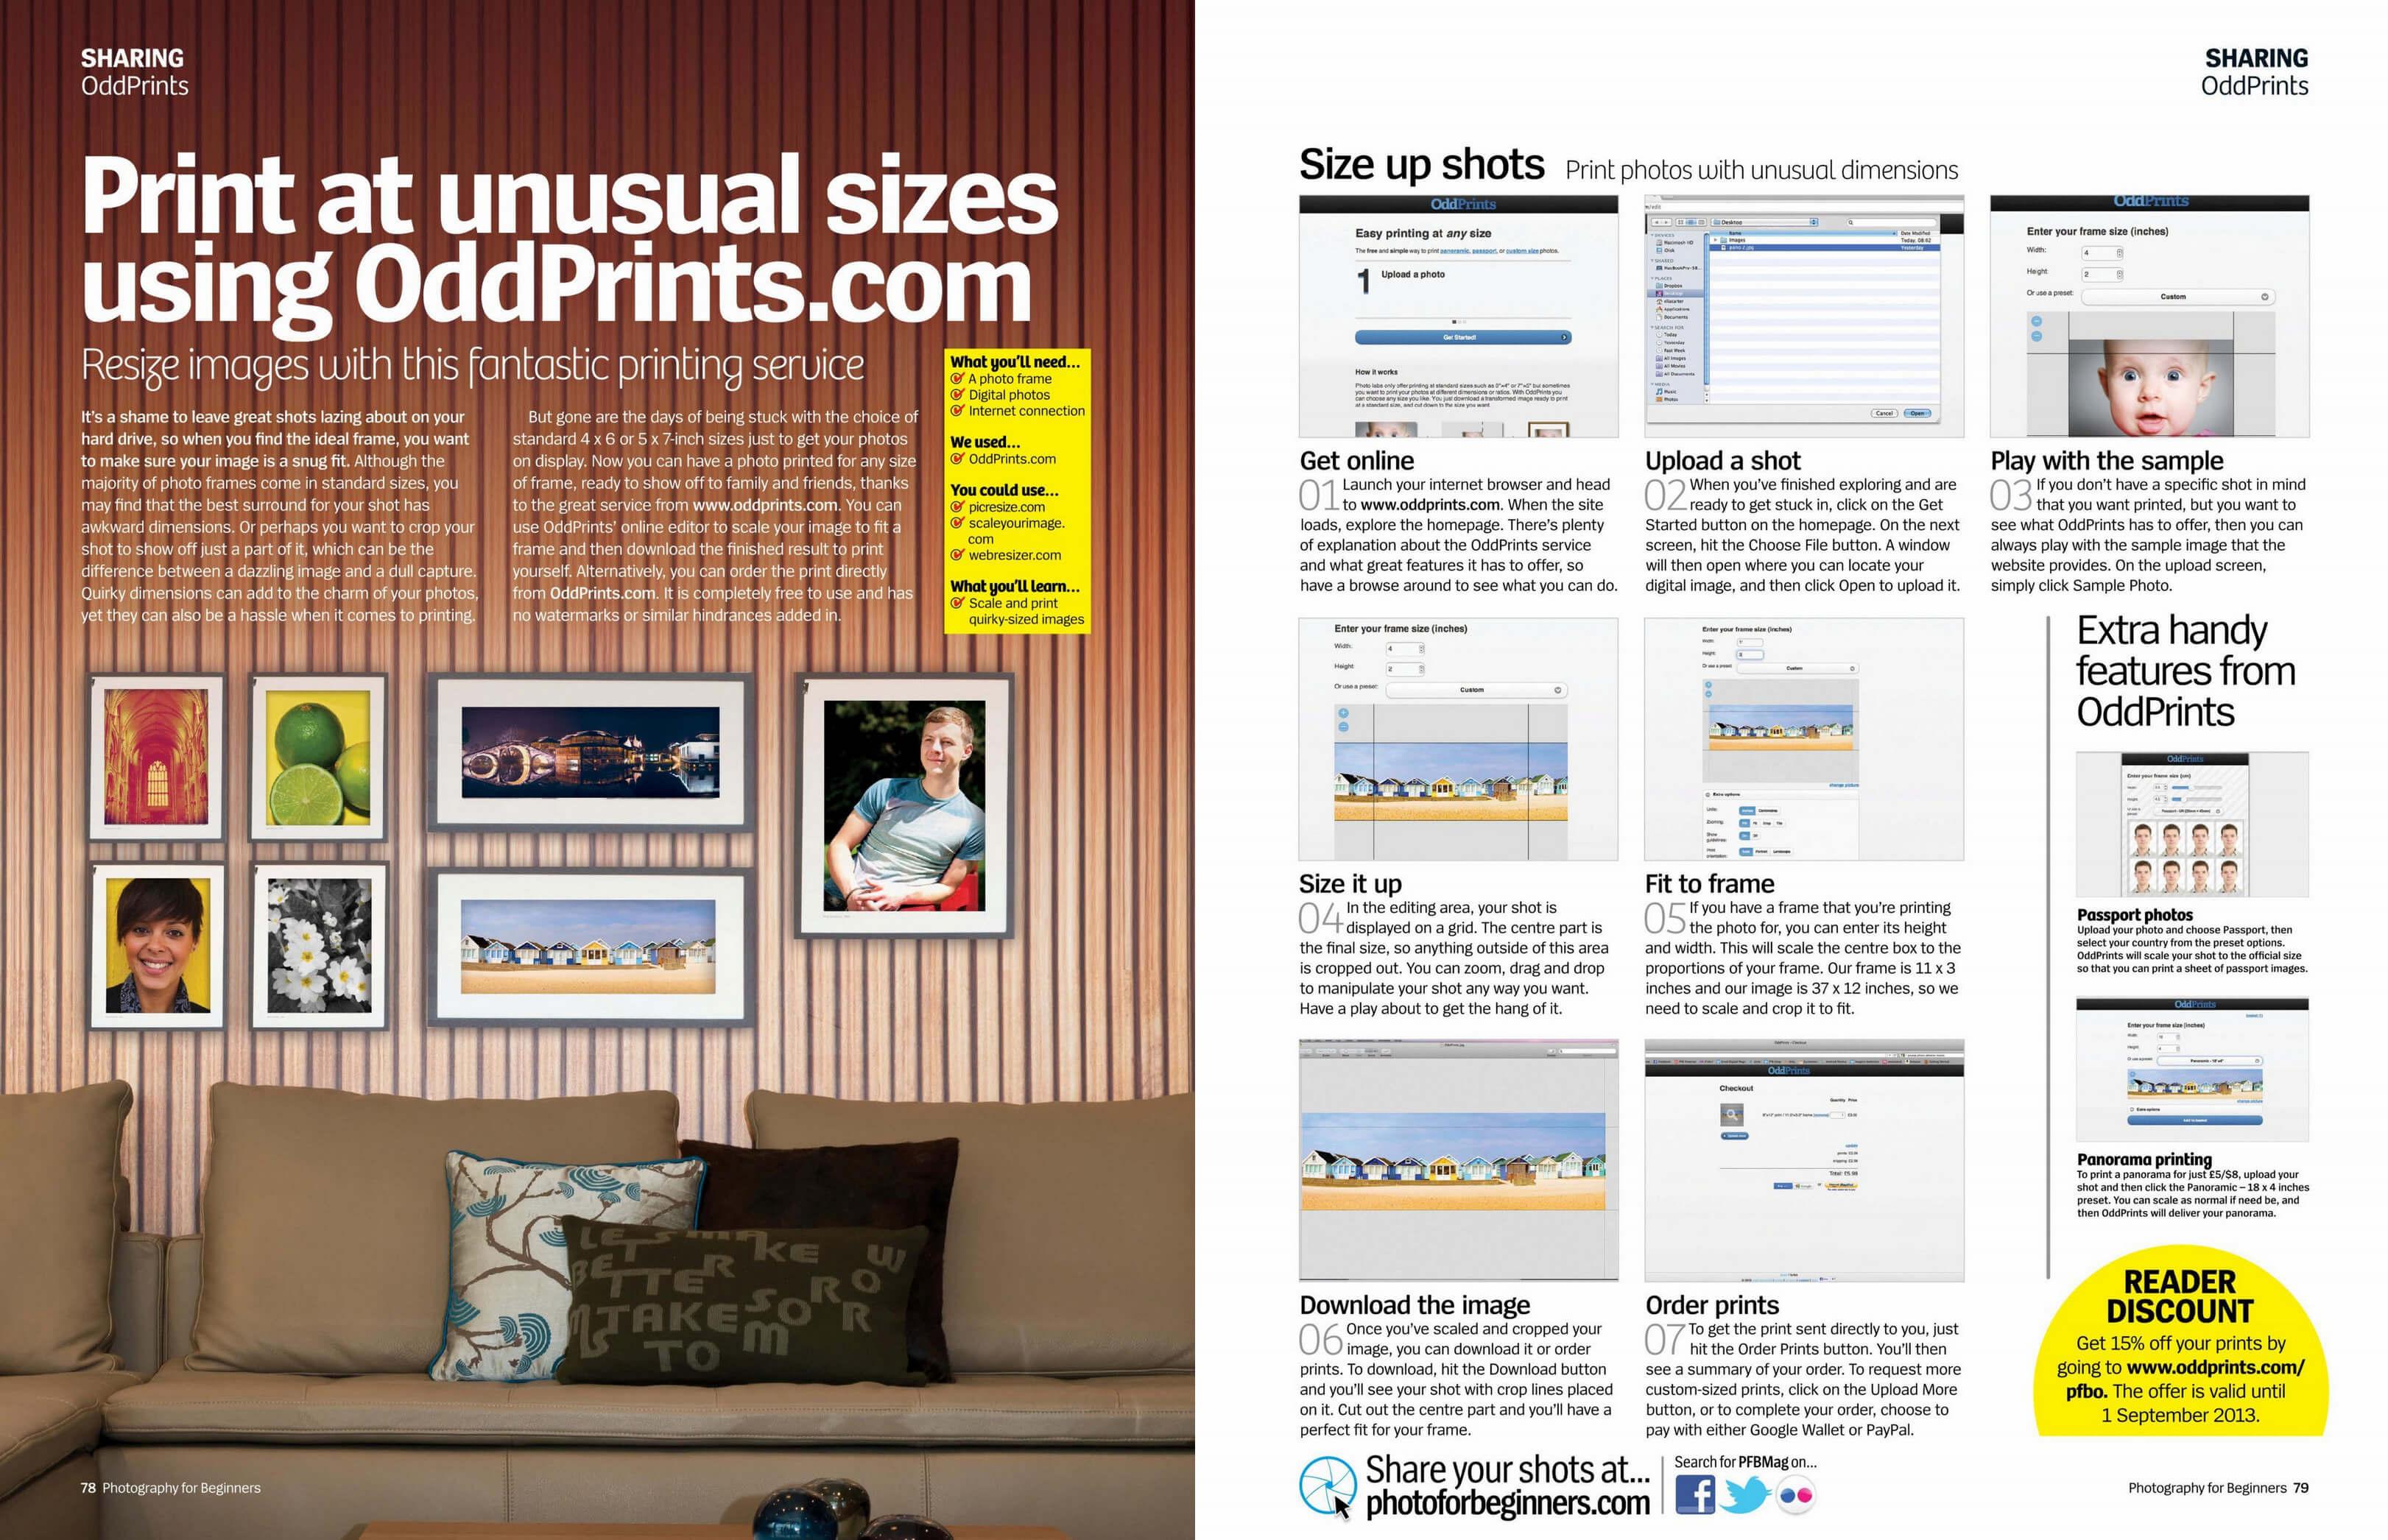 OddPrints - Easy printing for tricky frames